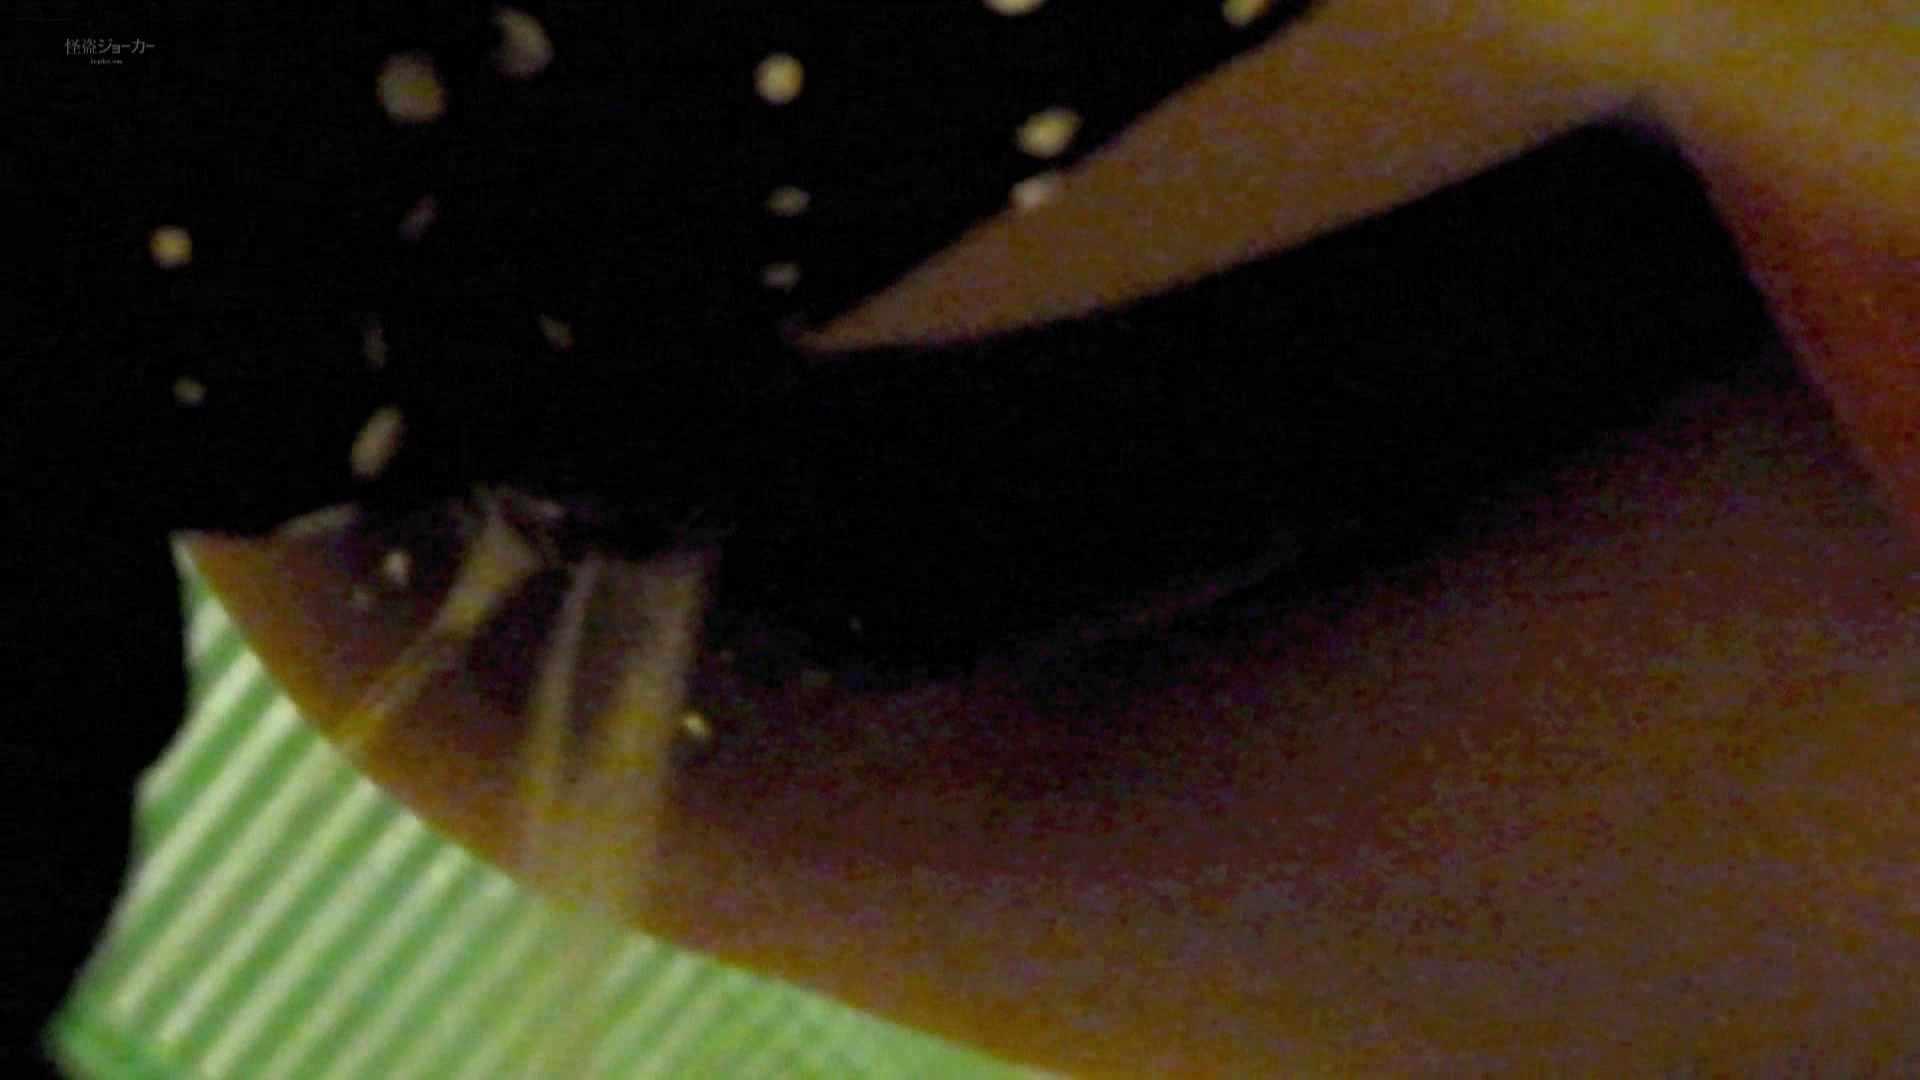 新世界の射窓 No70 世界の窓70 八頭身美女のエロい中腰 美女   洗面所  104pic 43